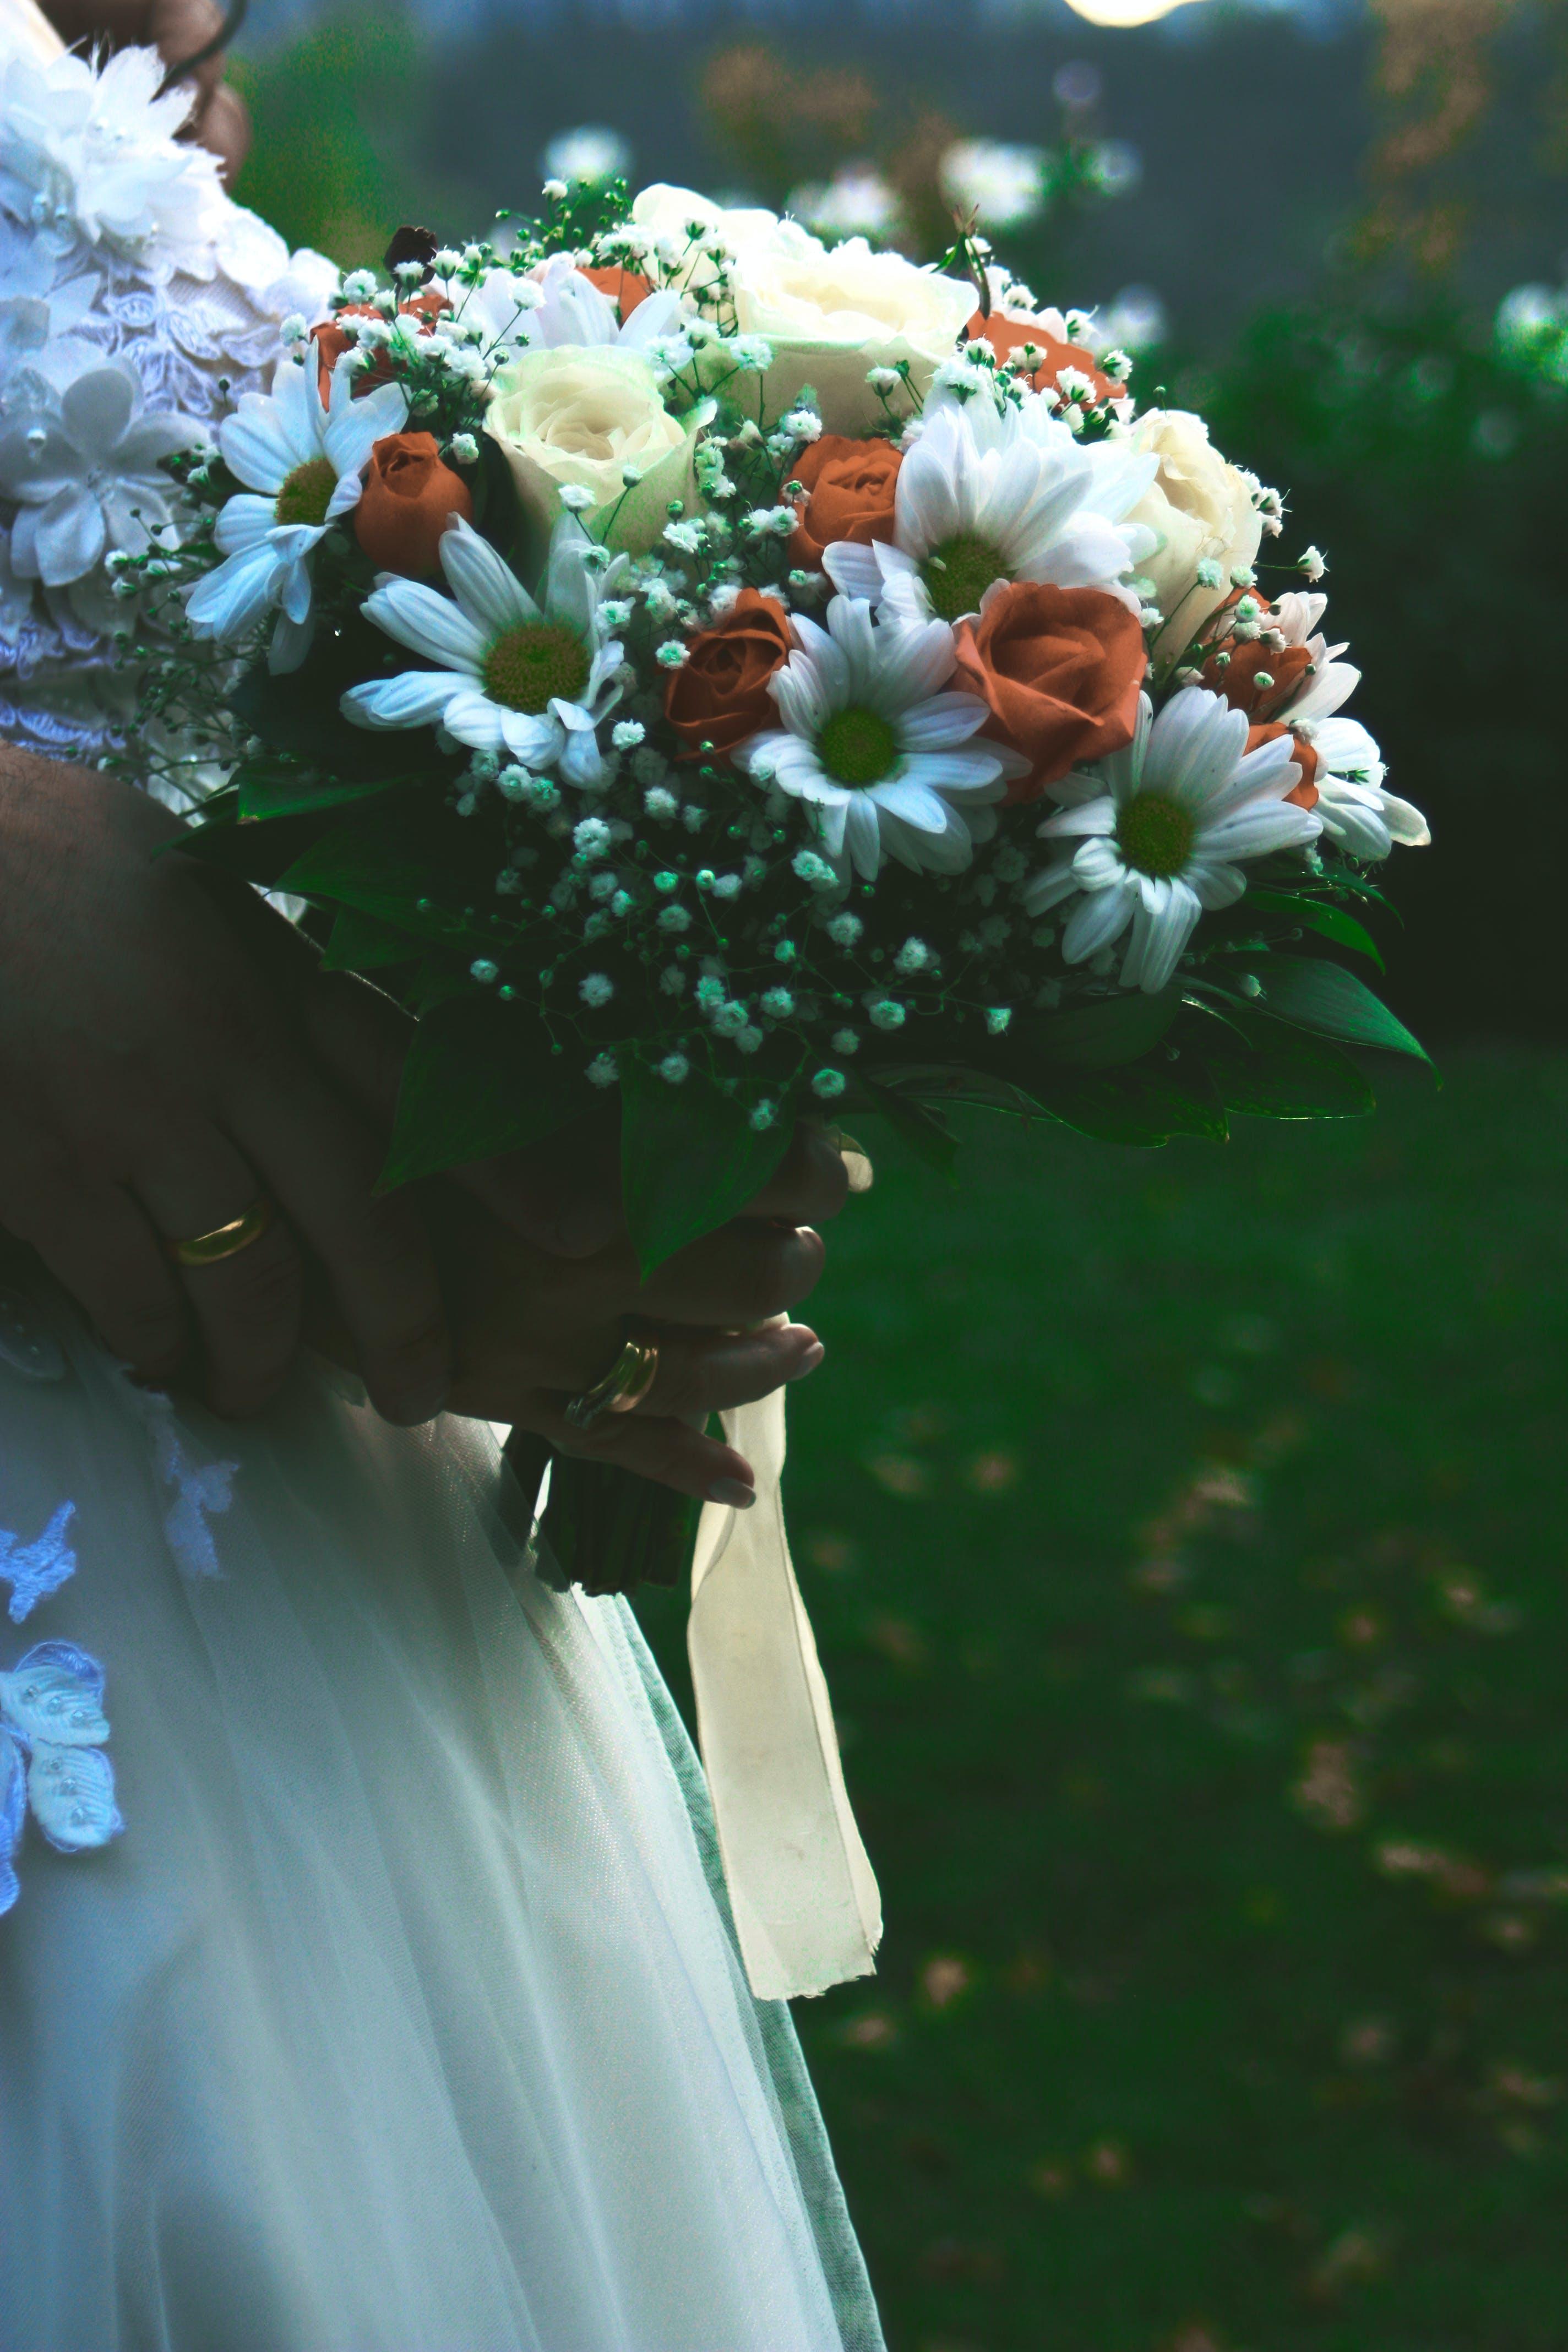 Foto d'estoc gratuïta de arranjament floral, boda, celebració, cerimònia